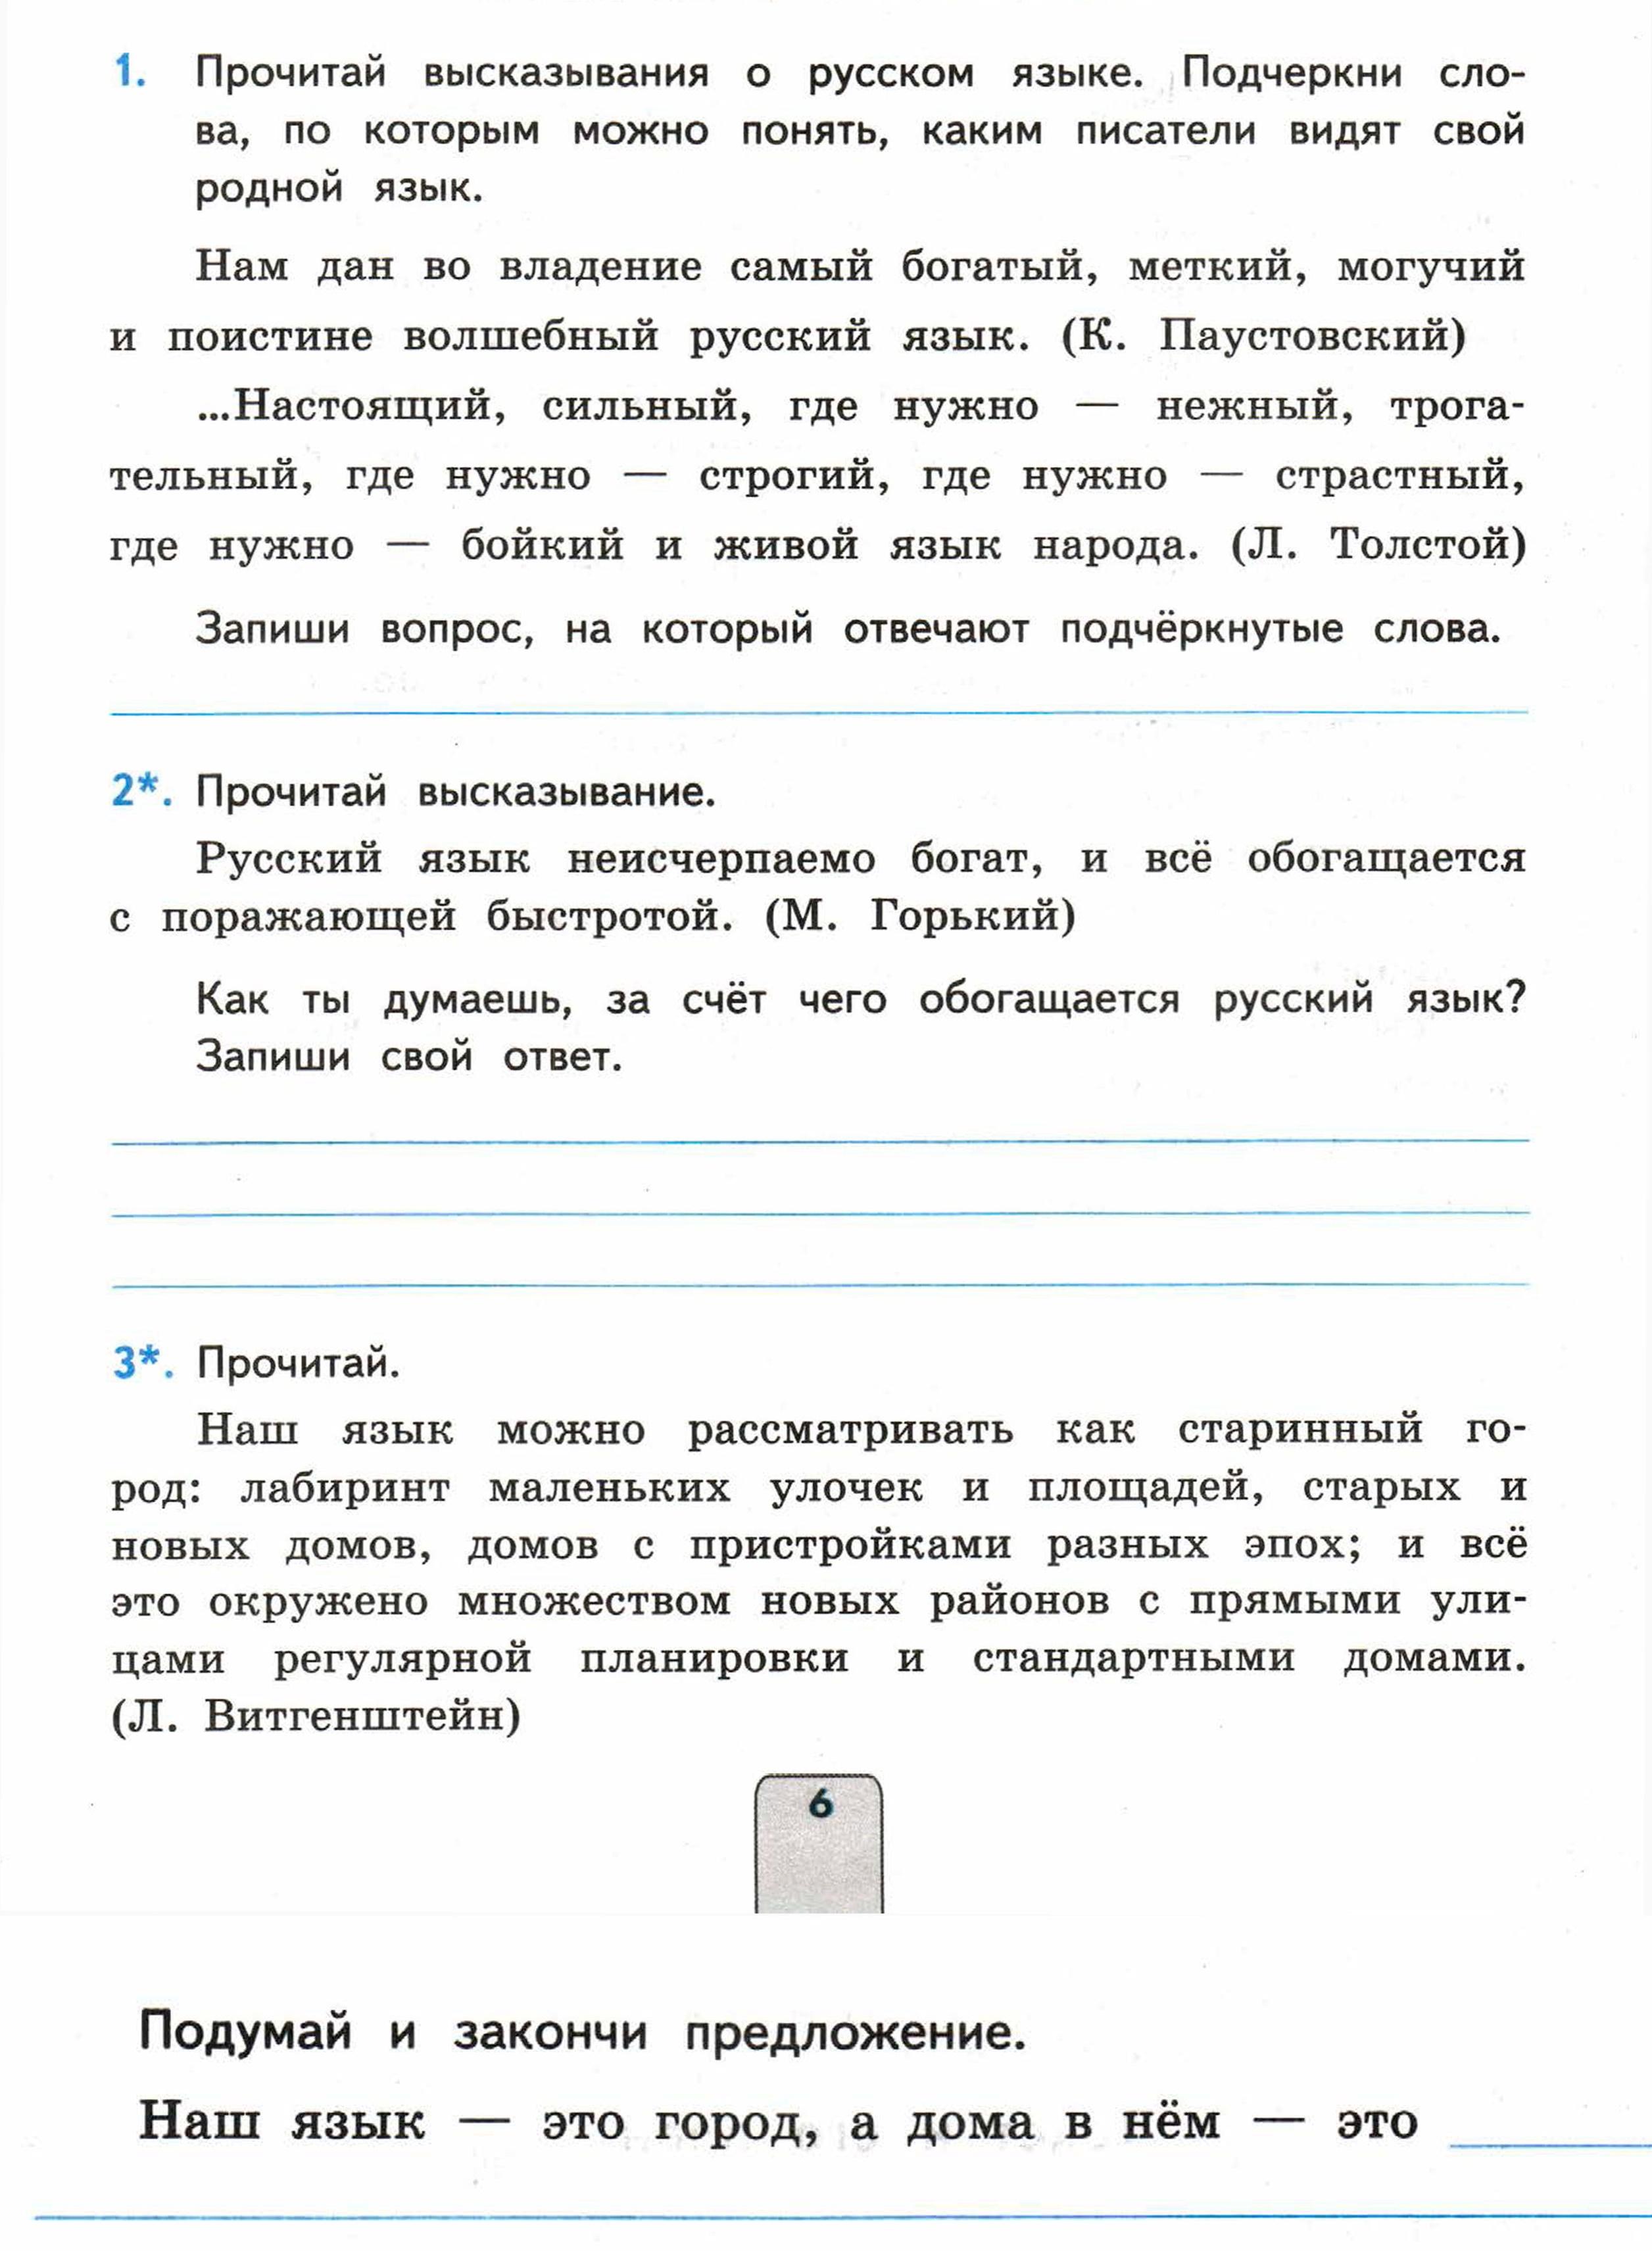 Упражнения из тетради для п/р: стр. 6 - условие